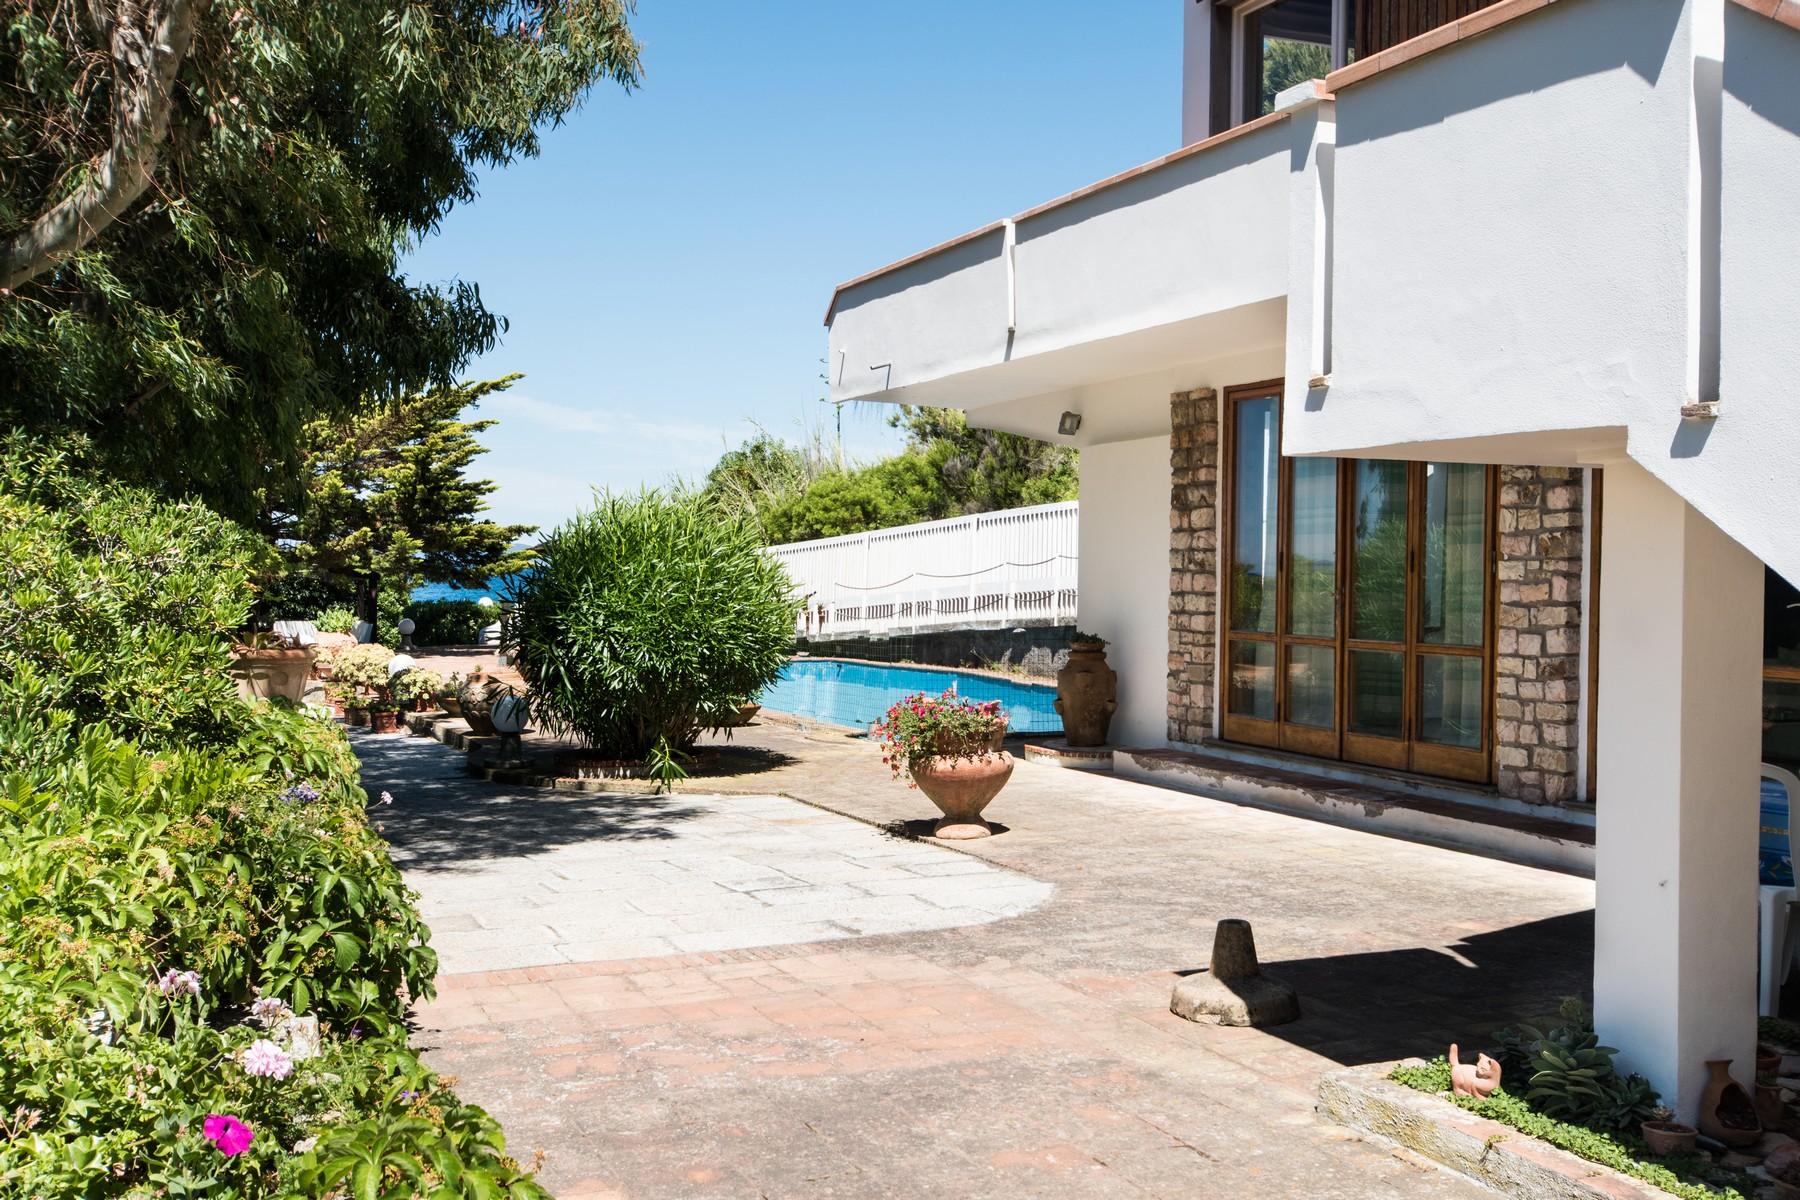 Villa in Vendita a Portoferraio: 5 locali, 300 mq - Foto 5